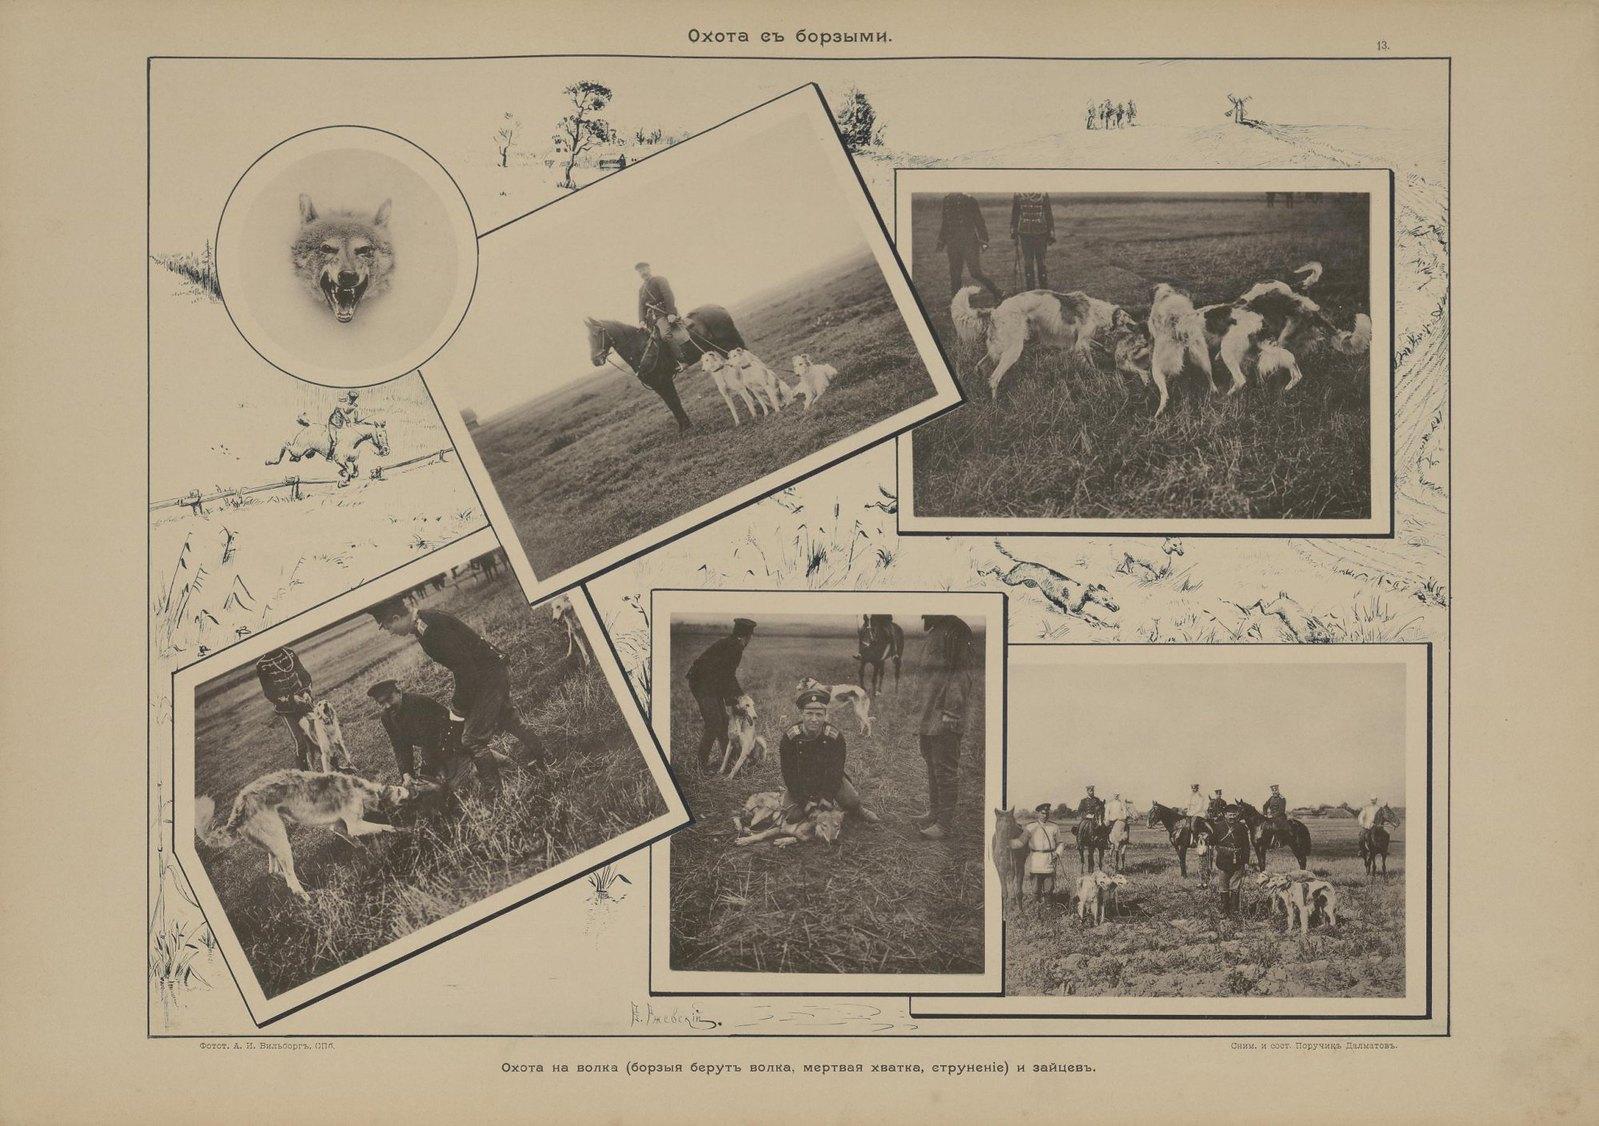 17. Охота с борзыми. Охота на волка (борзые берут волка, мертвая хватка, струнение) и зайцев